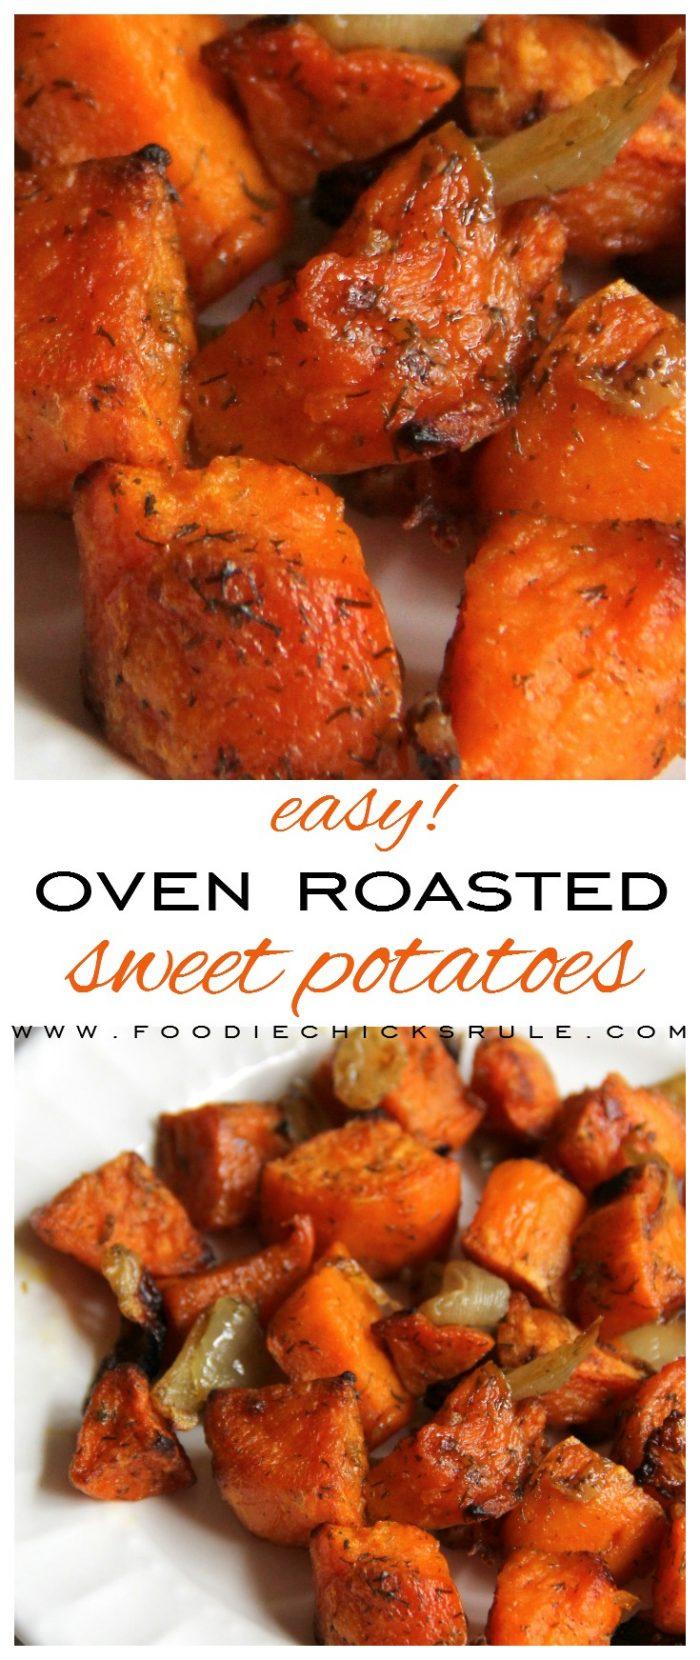 Easy Oven Roasted Sweet Potatoes!! foodiechicksrule.com #ovenroastedsweetpotatoes #sweetpotatoesrecipe